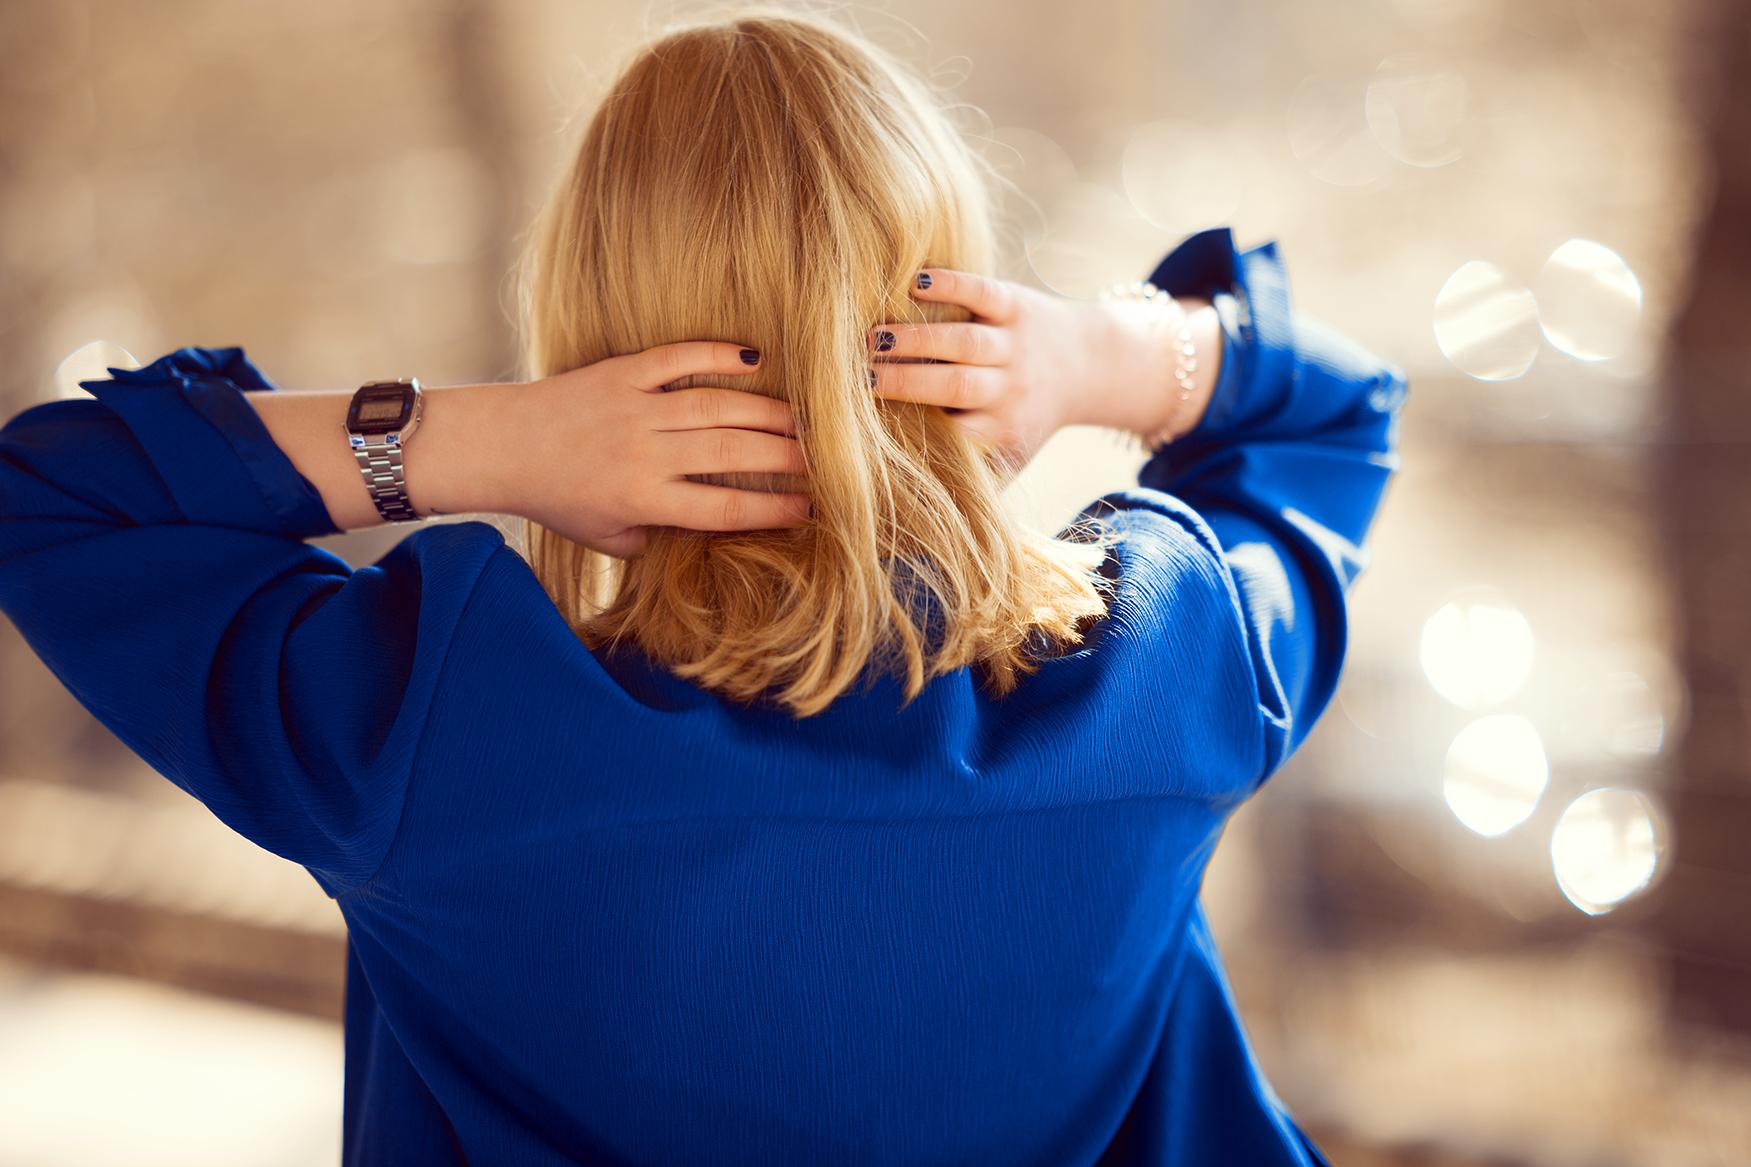 royal-blauer-blazer-im-80er-look